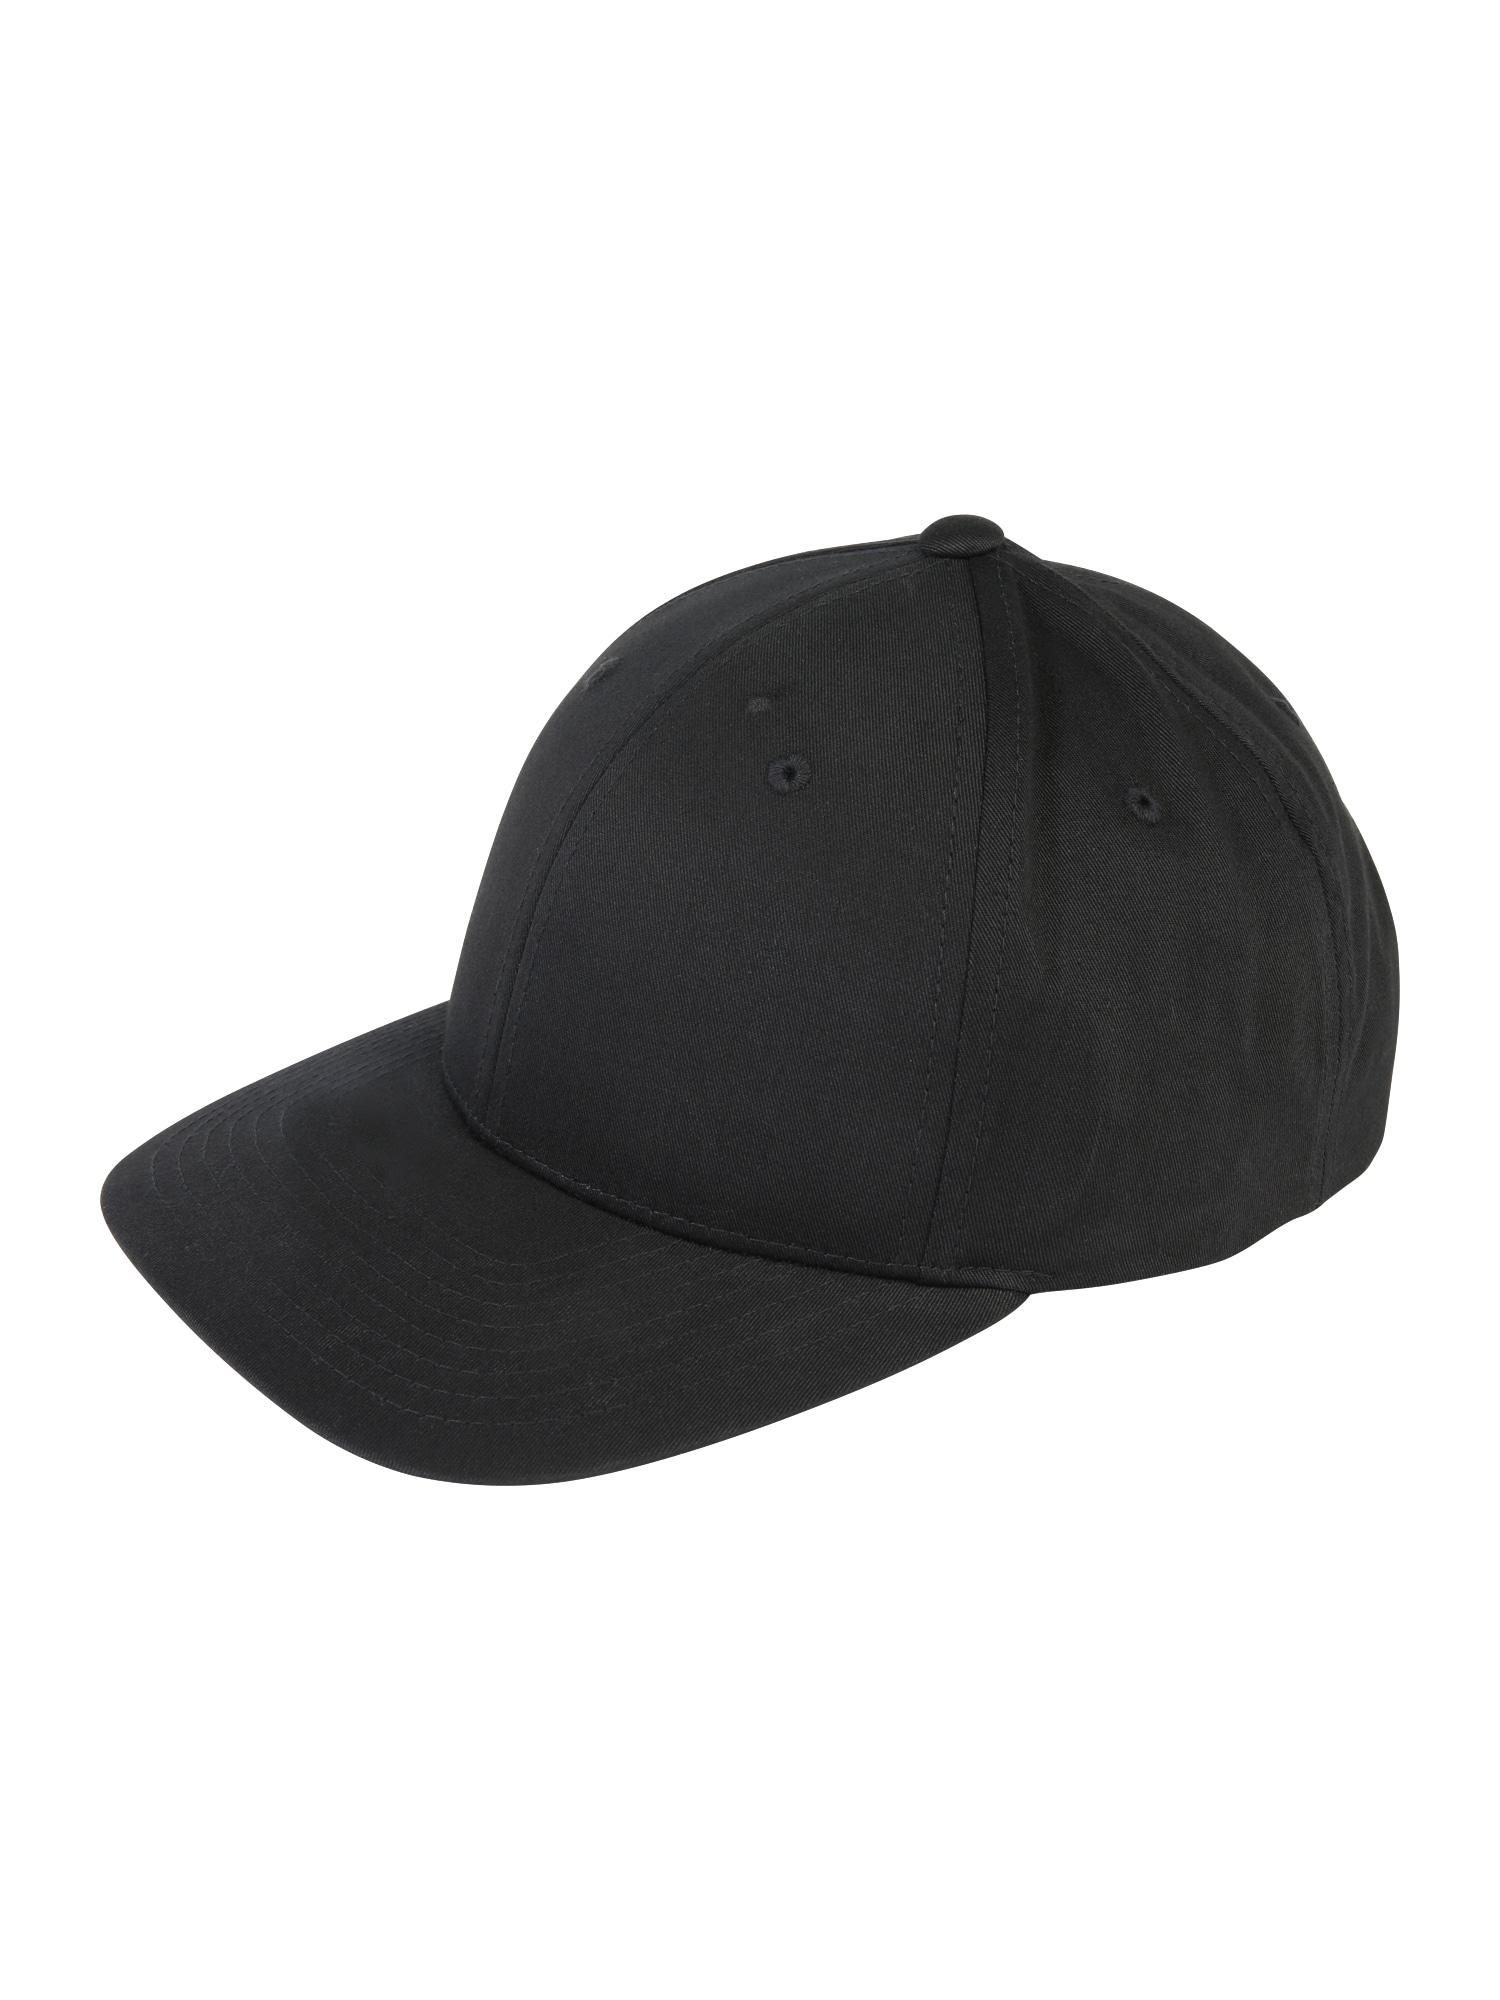 Kšiltovka Curved Classic Snapback černá Flexfit